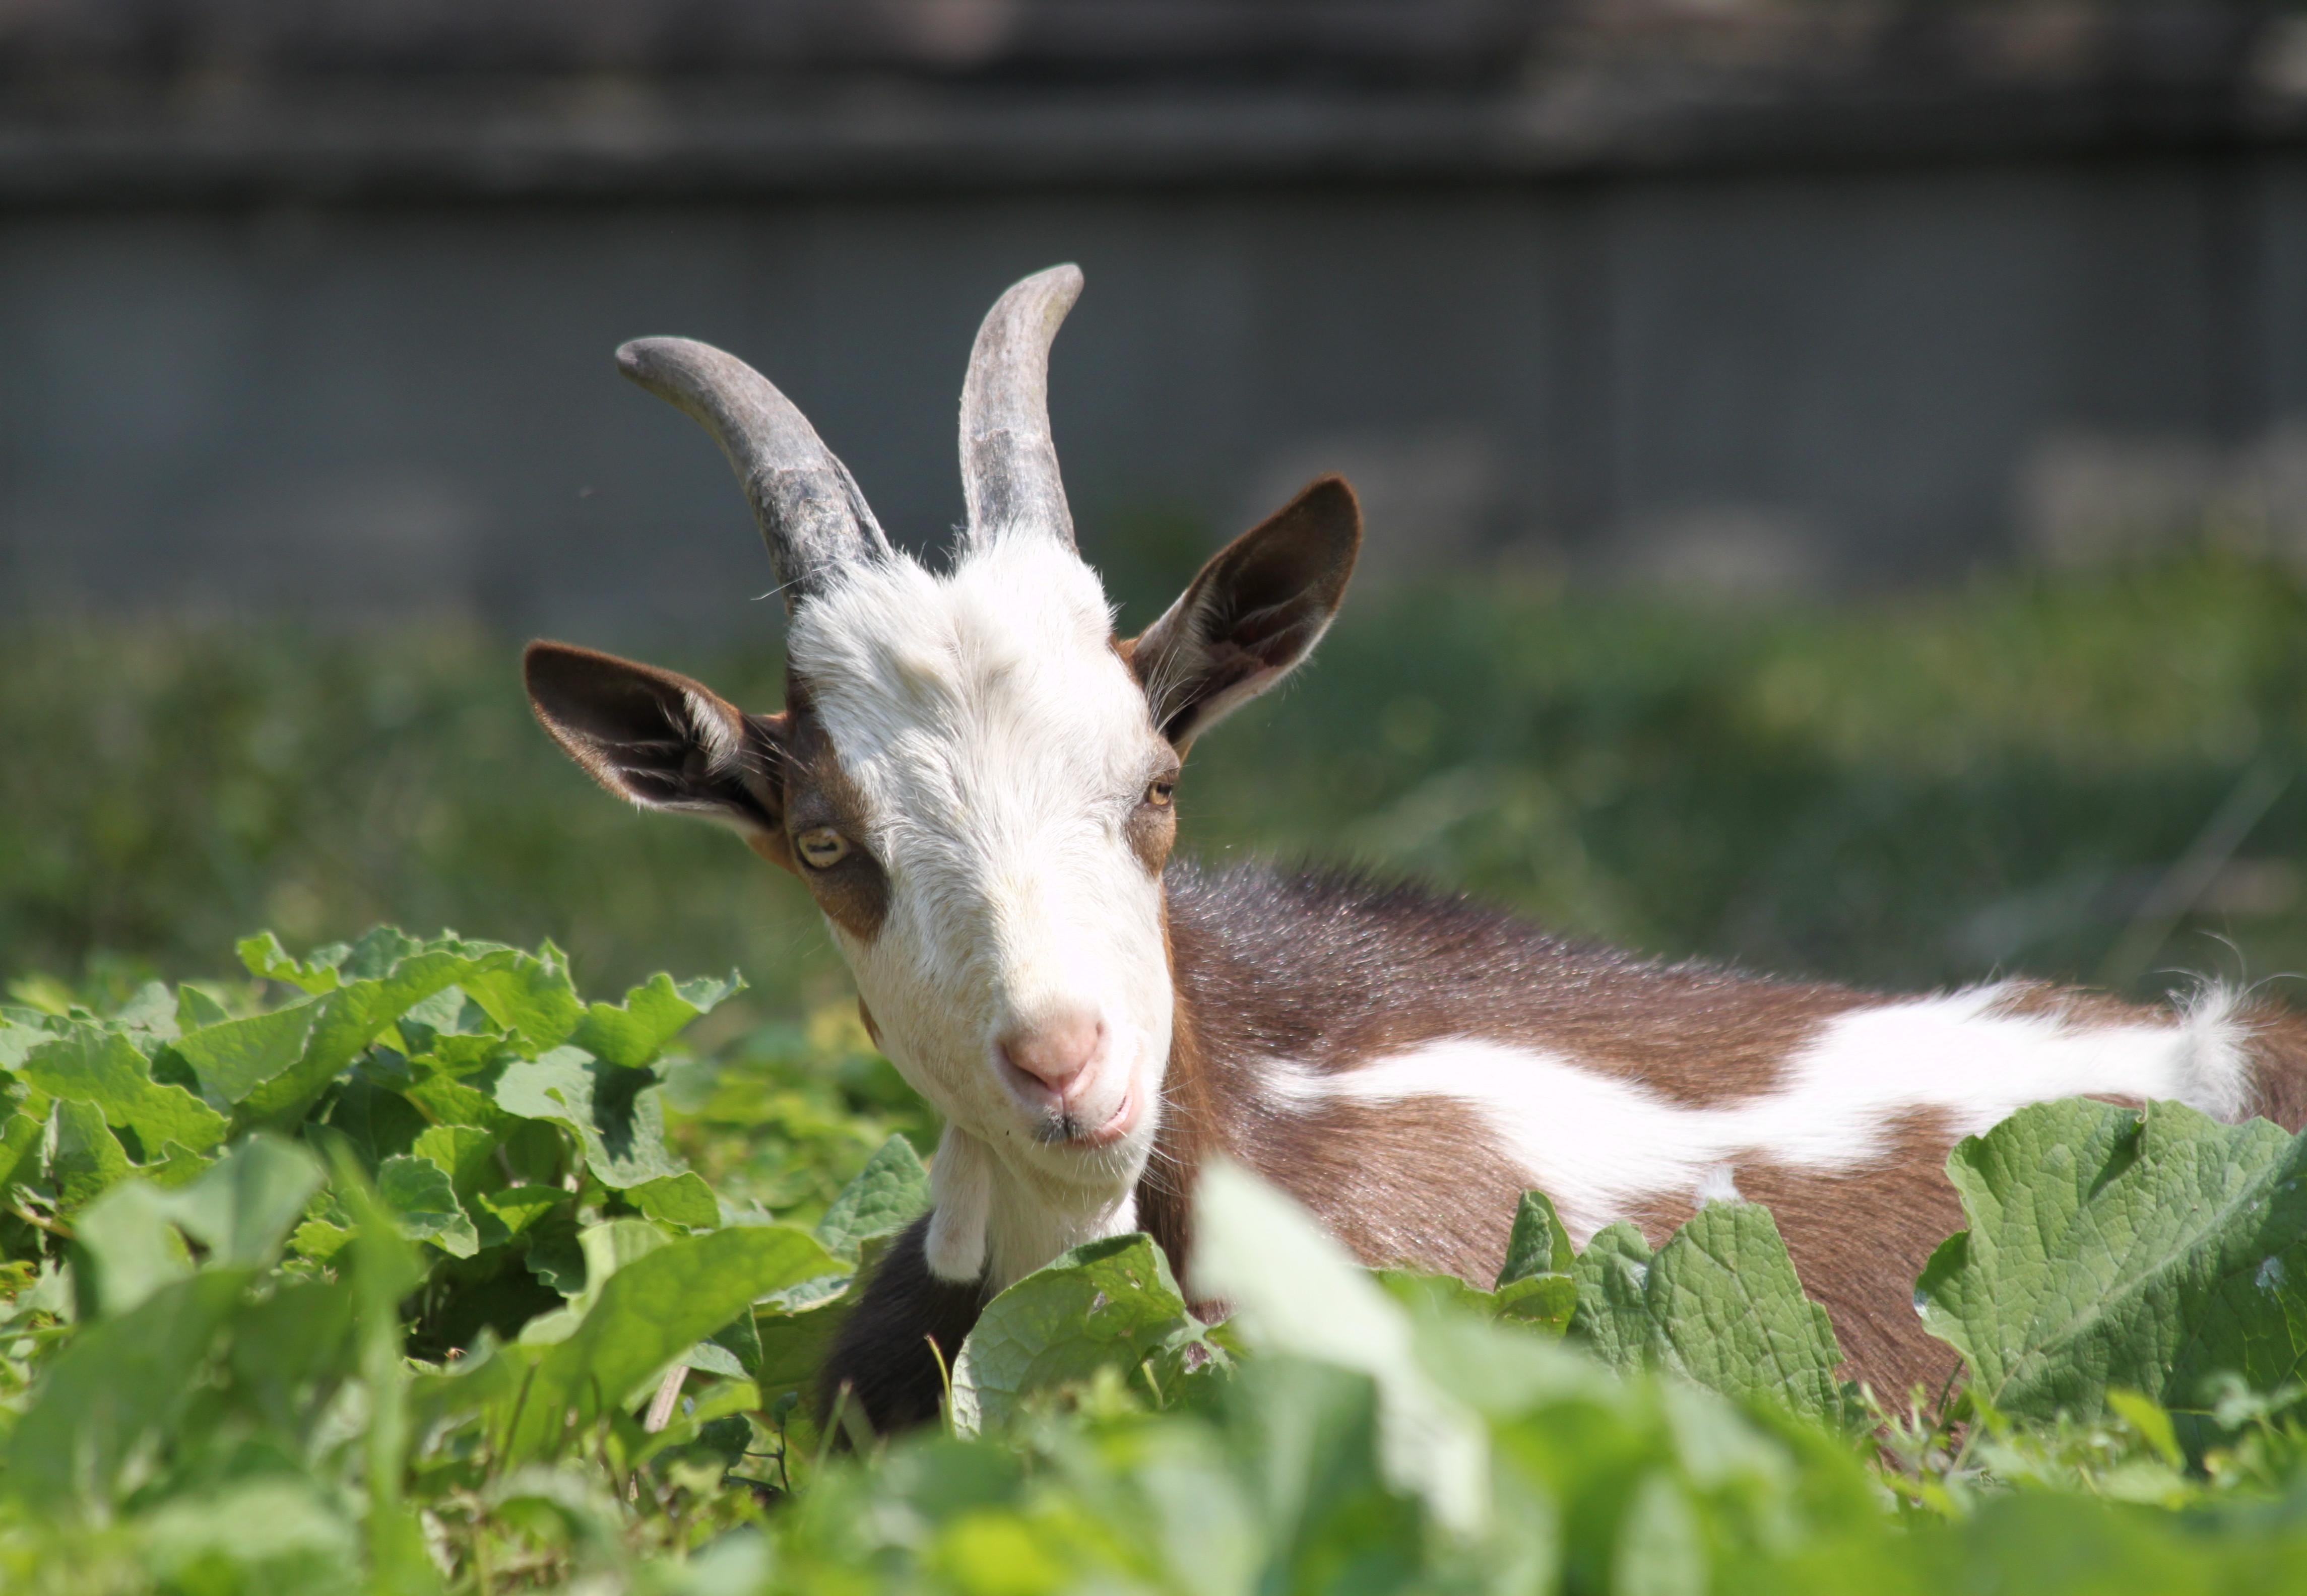 Goat enjoying eating the vegetables